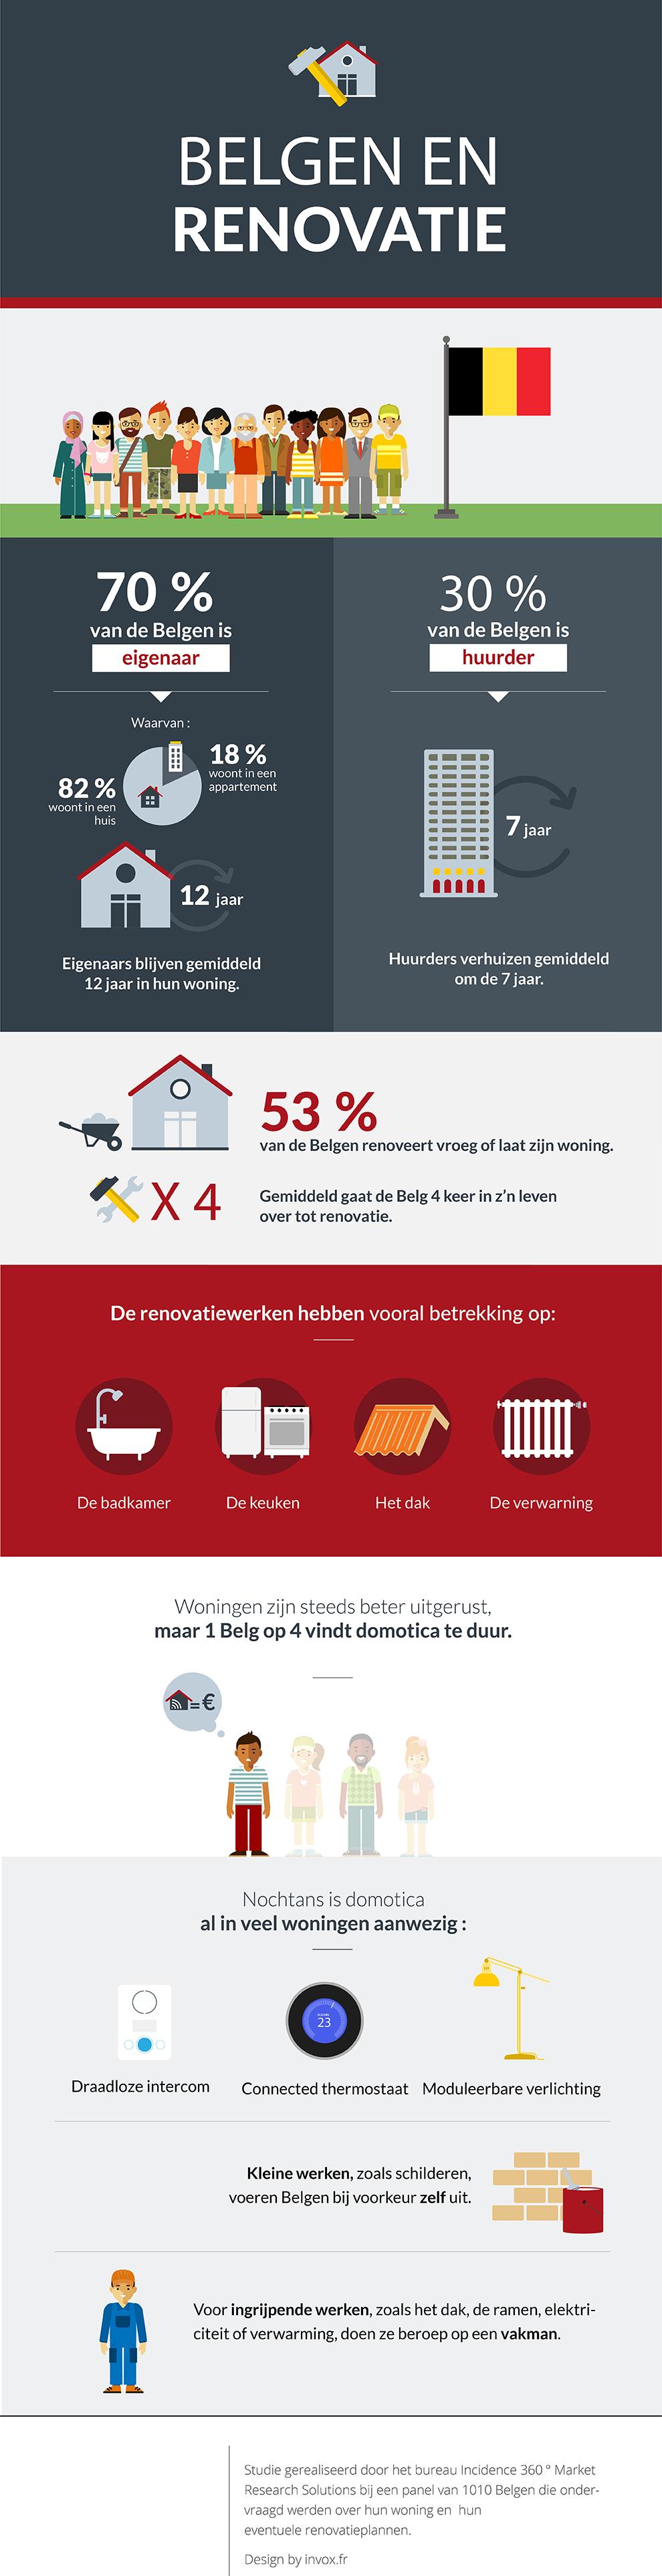 Les belges et la rénovation